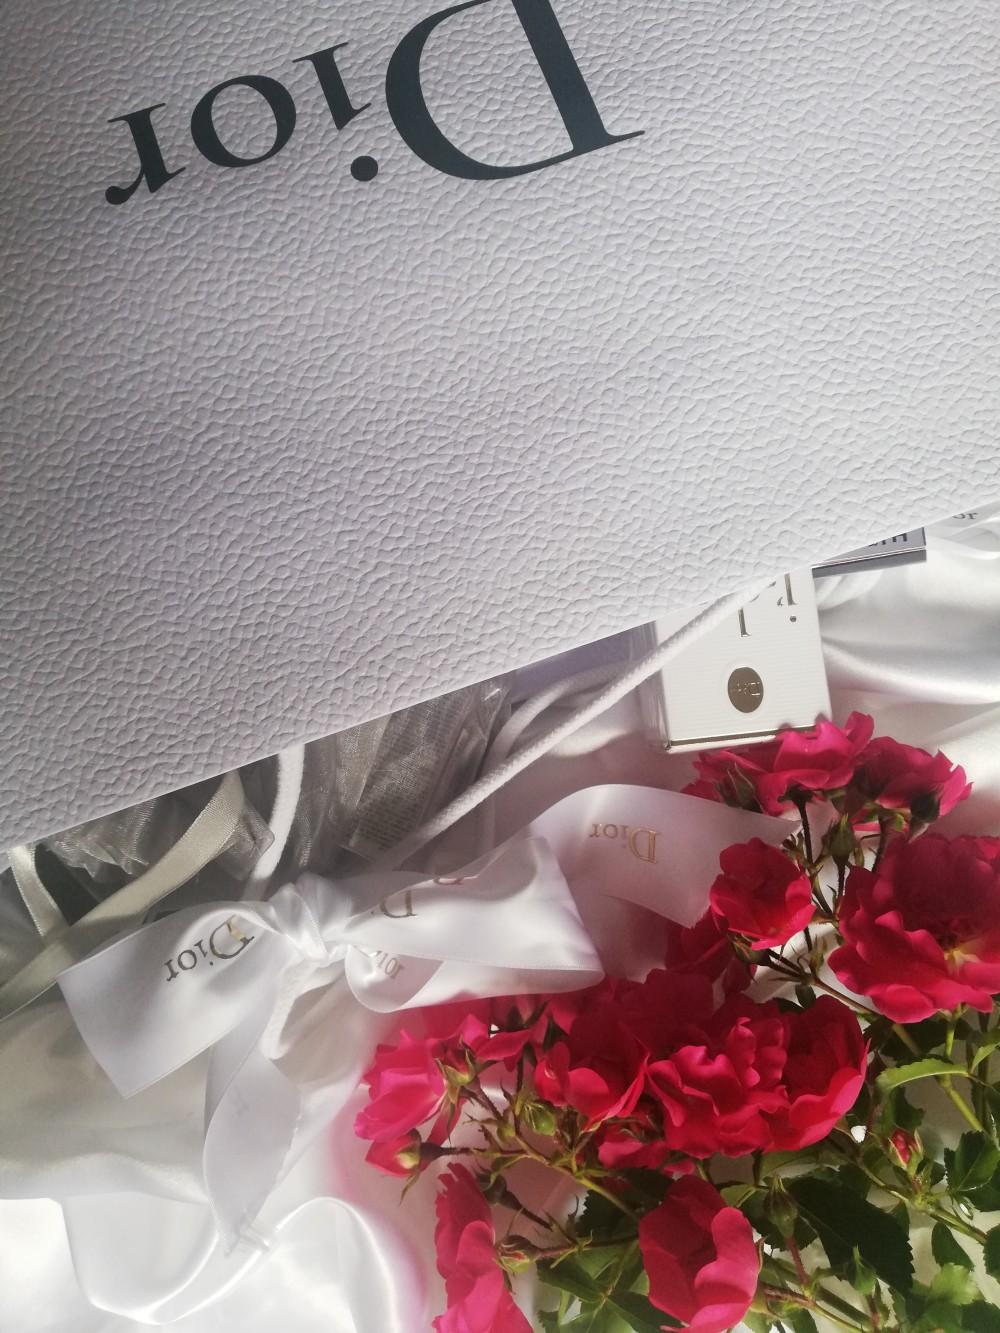 Recensione dei nuovi rossetti e gloss Dior Addict